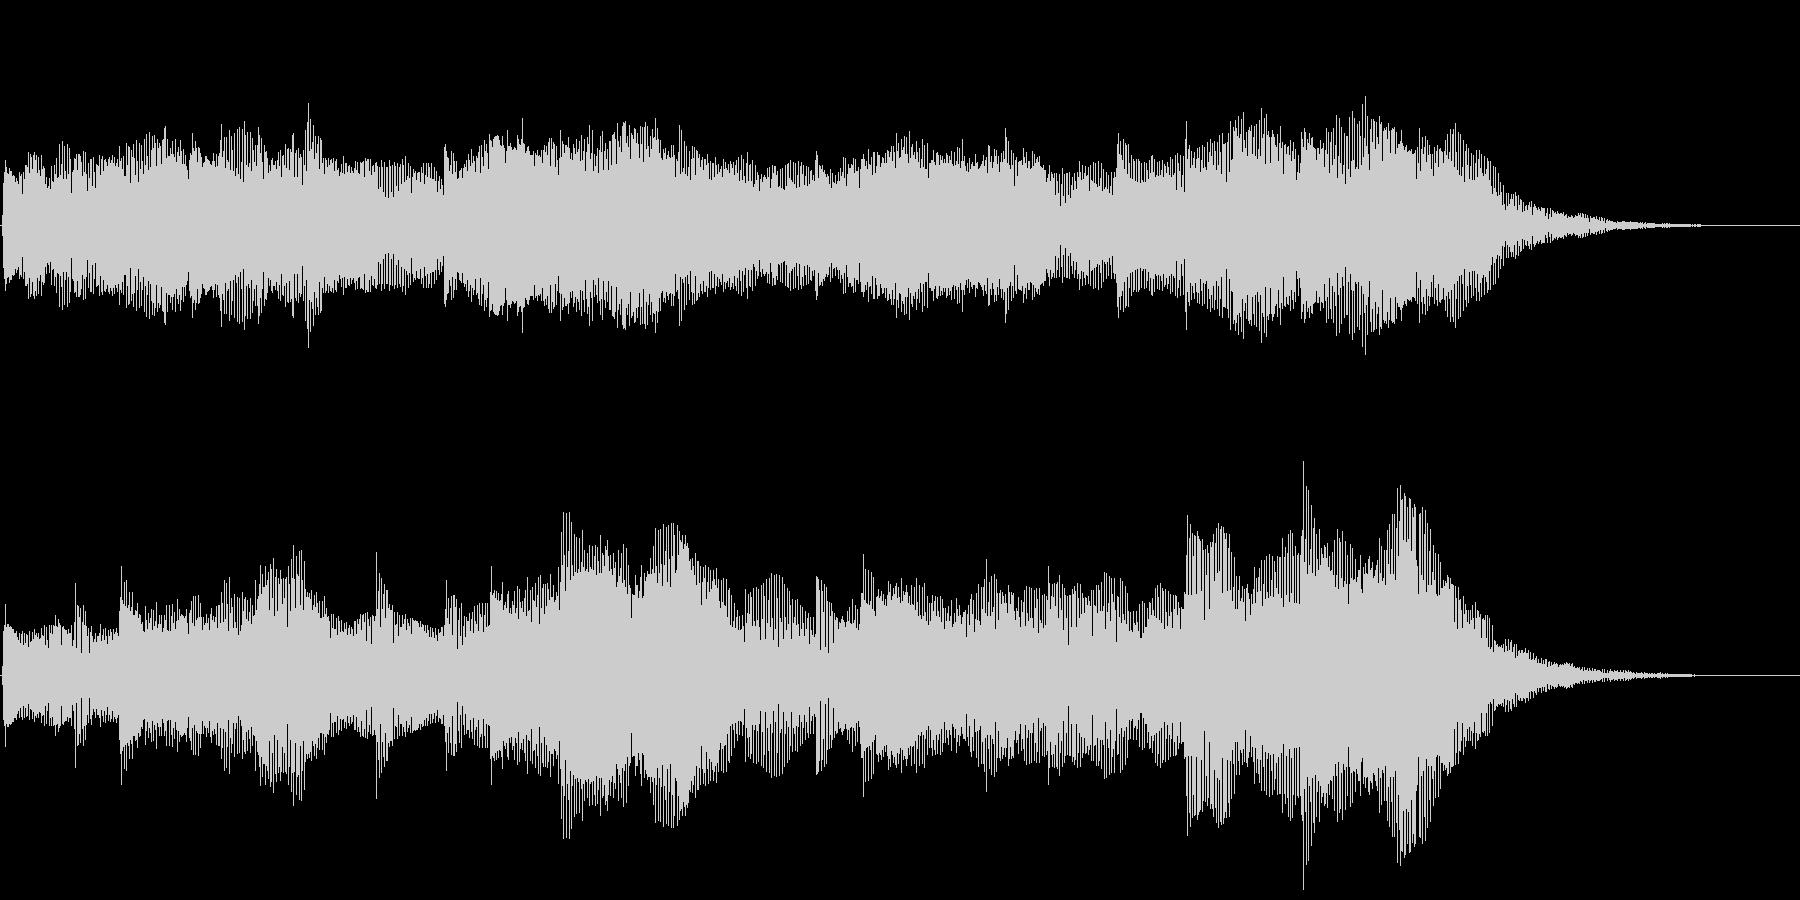 ダークなストリングス ホラー バスドラ抜の未再生の波形